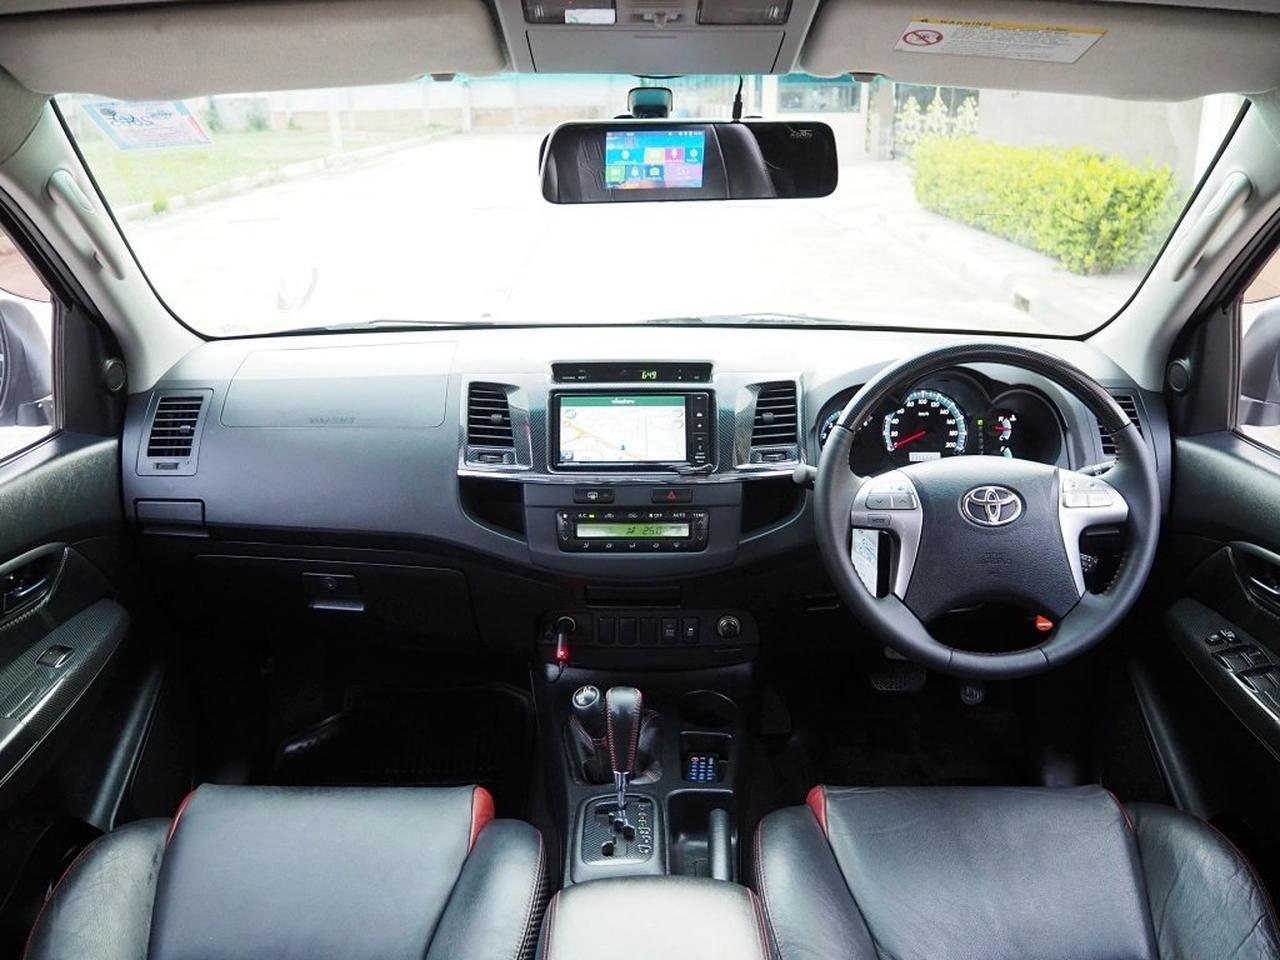 TOYOTA FORTUNER 3.0 V 4WD TRD Sportivo Midnight Shine ปลายปี 2014 จดปี 2015 เกียร์AUTO 5 SPEED 4X4 สภาพนางฟ้า  รูปที่ 3